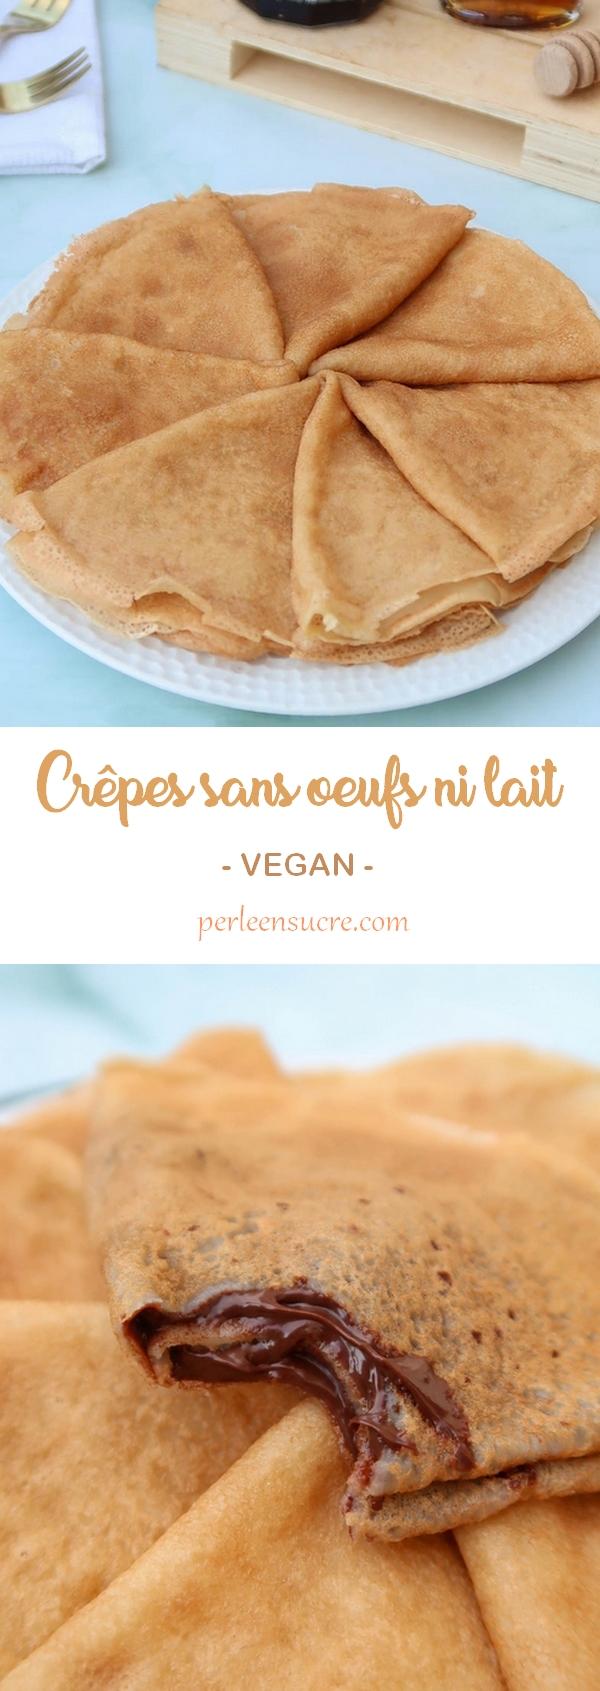 Crêpes sans oeuf ni lait (vegan)